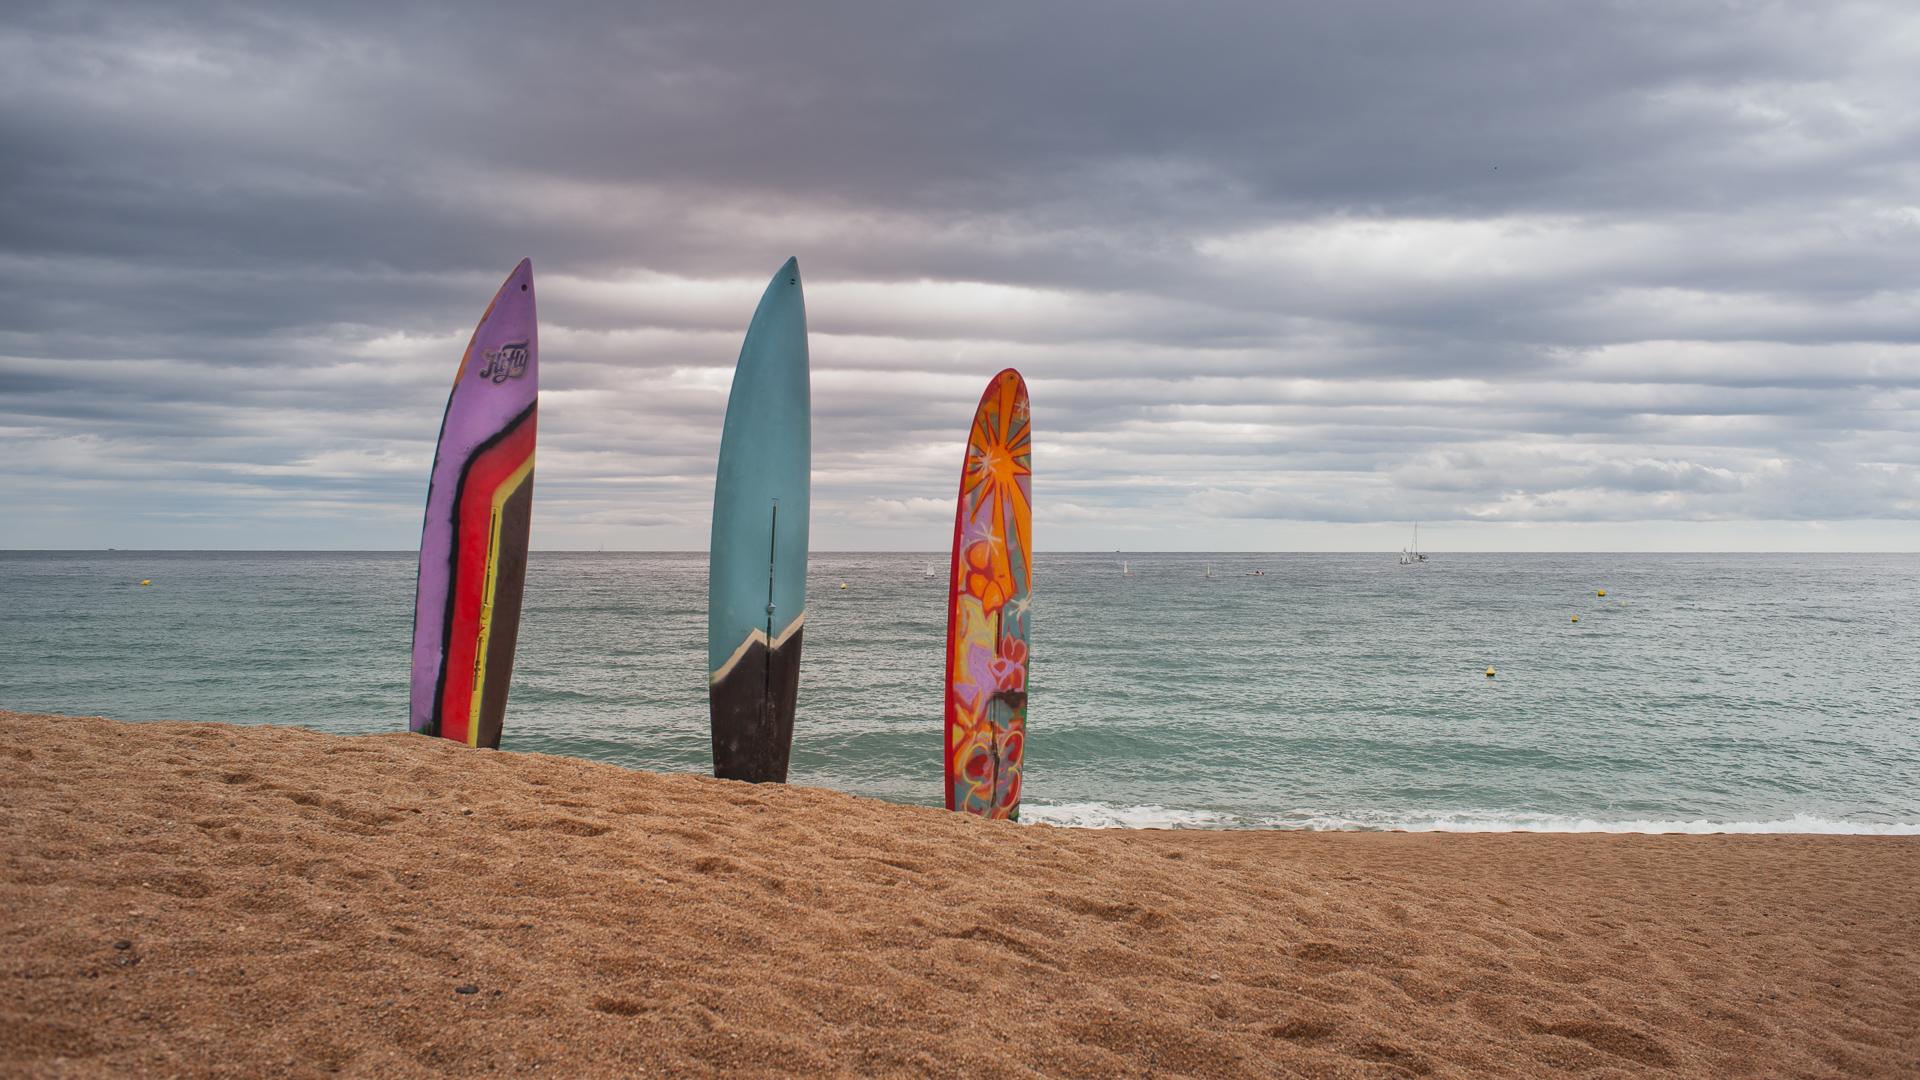 Velas de surf